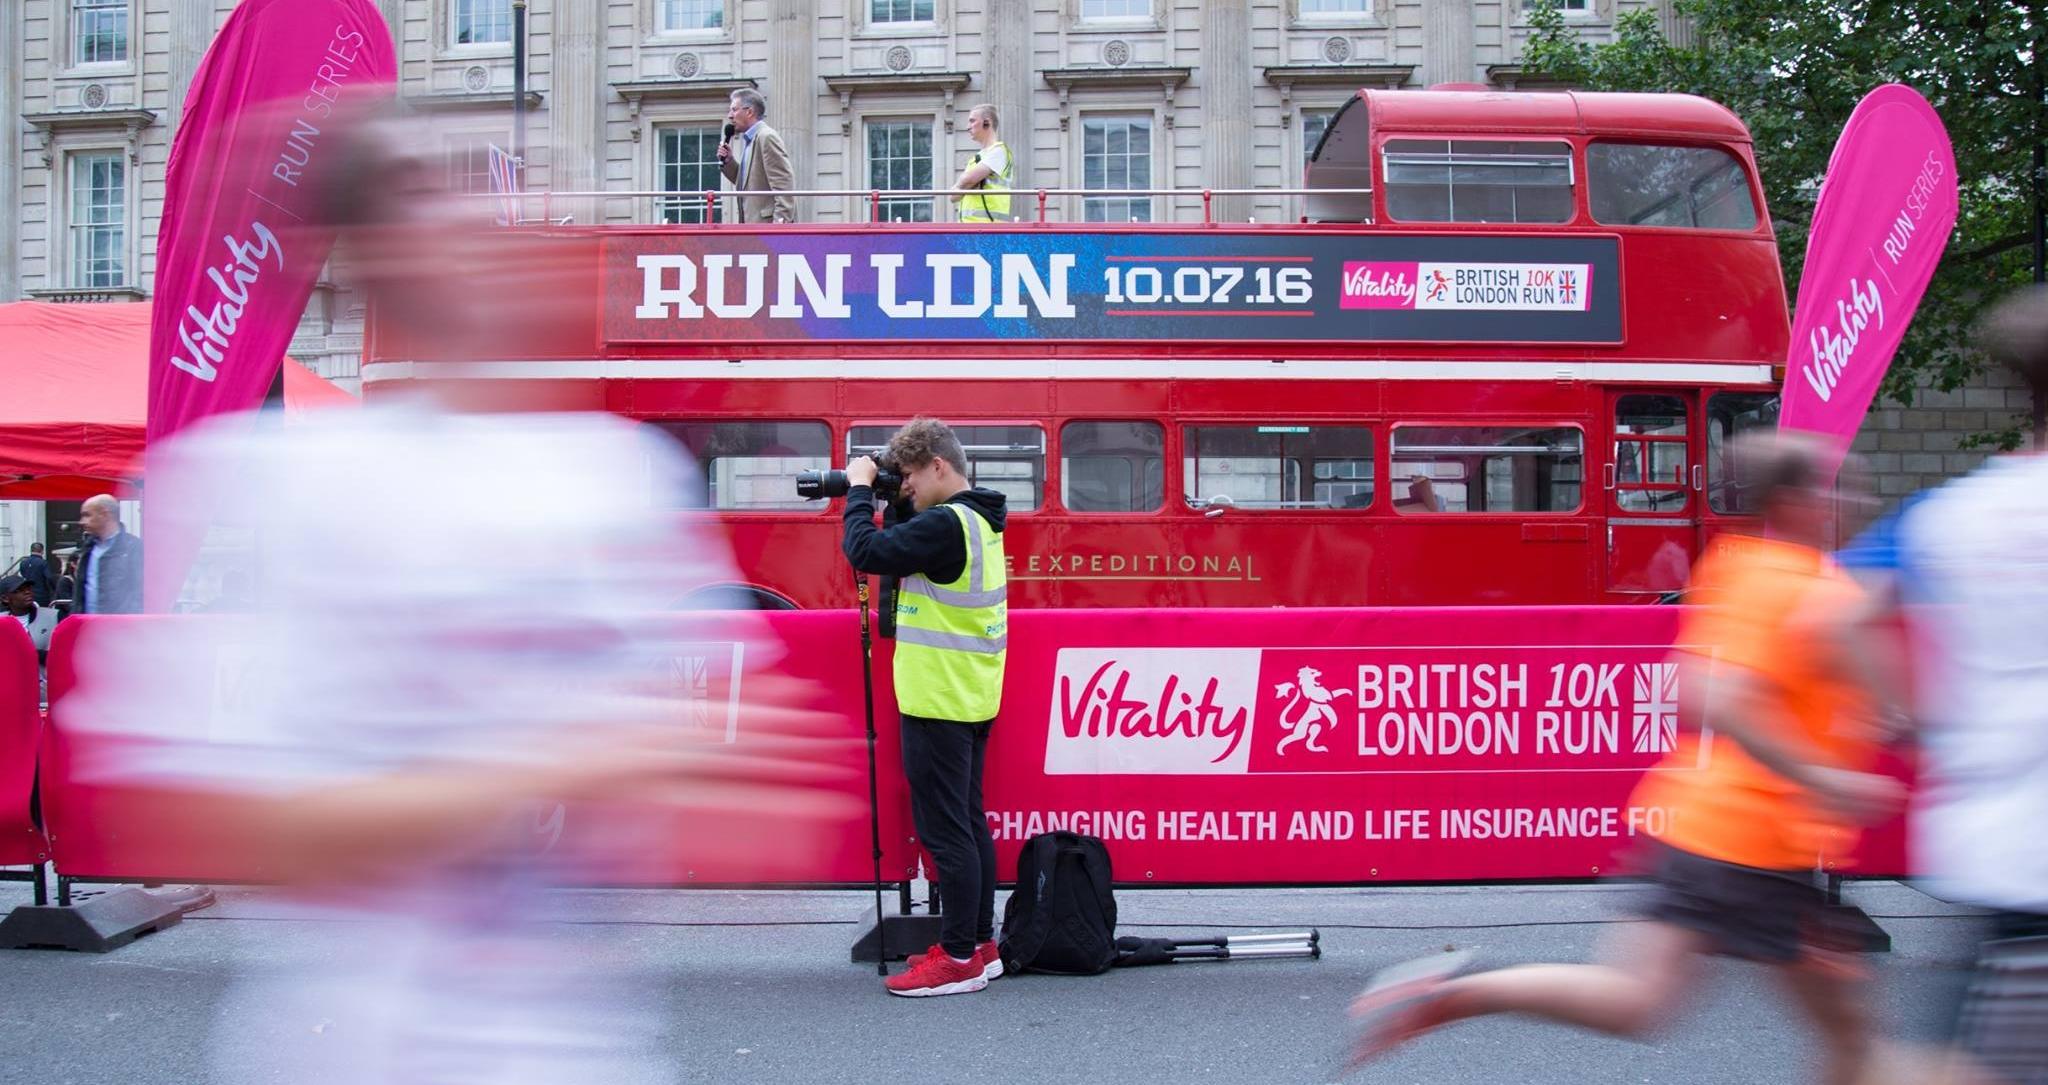 london 10k run_13641198_1235302196482254_3580194728972231806_o.jpg